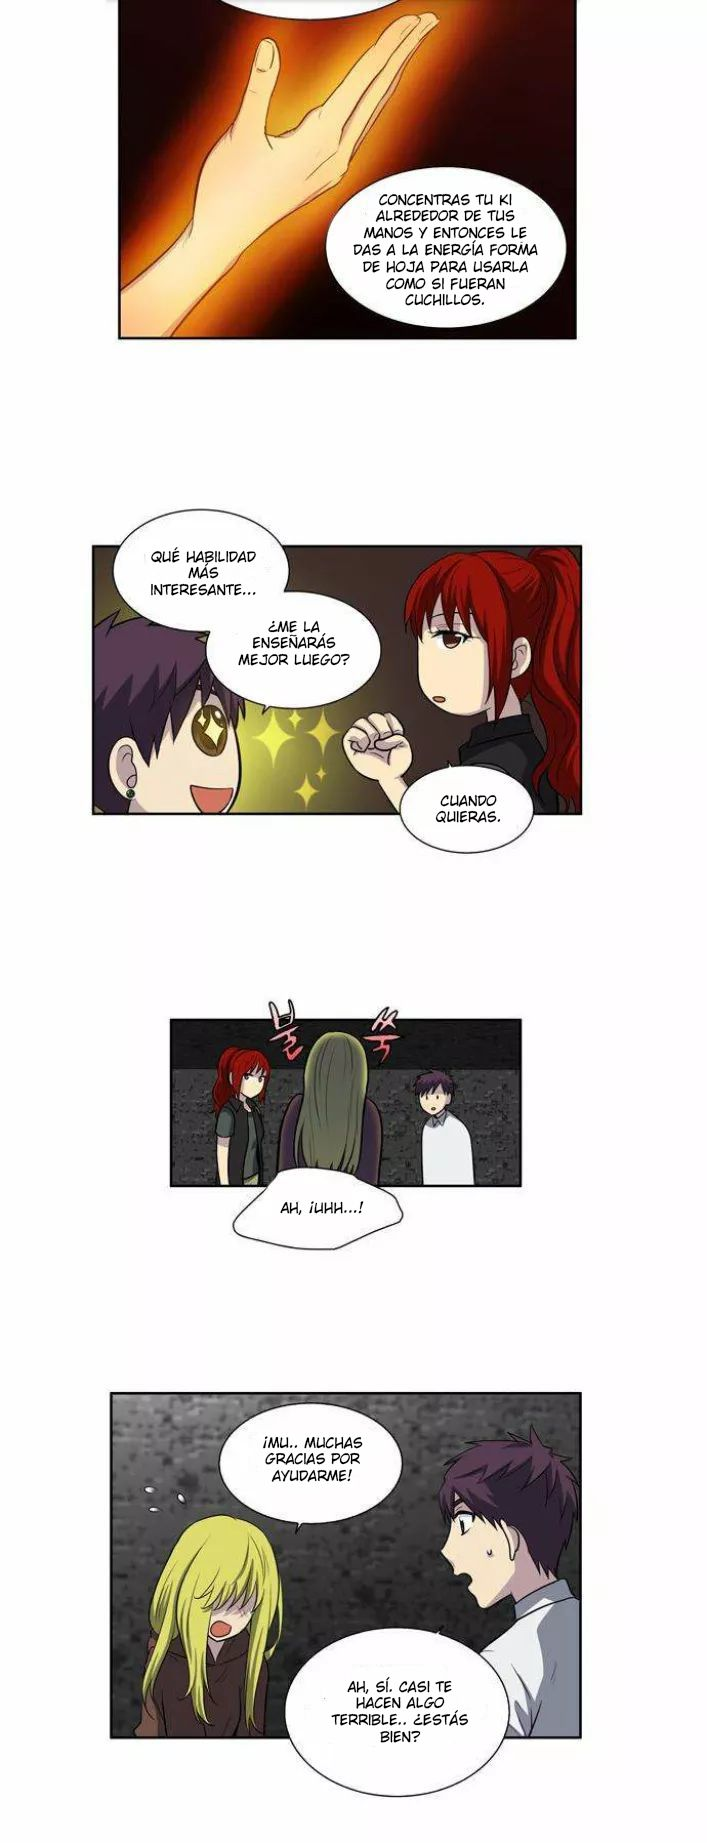 https://c5.ninemanga.com/es_manga/61/1725/484924/bf3b5249e6b175f68314ebf929555fa4.jpg Page 9